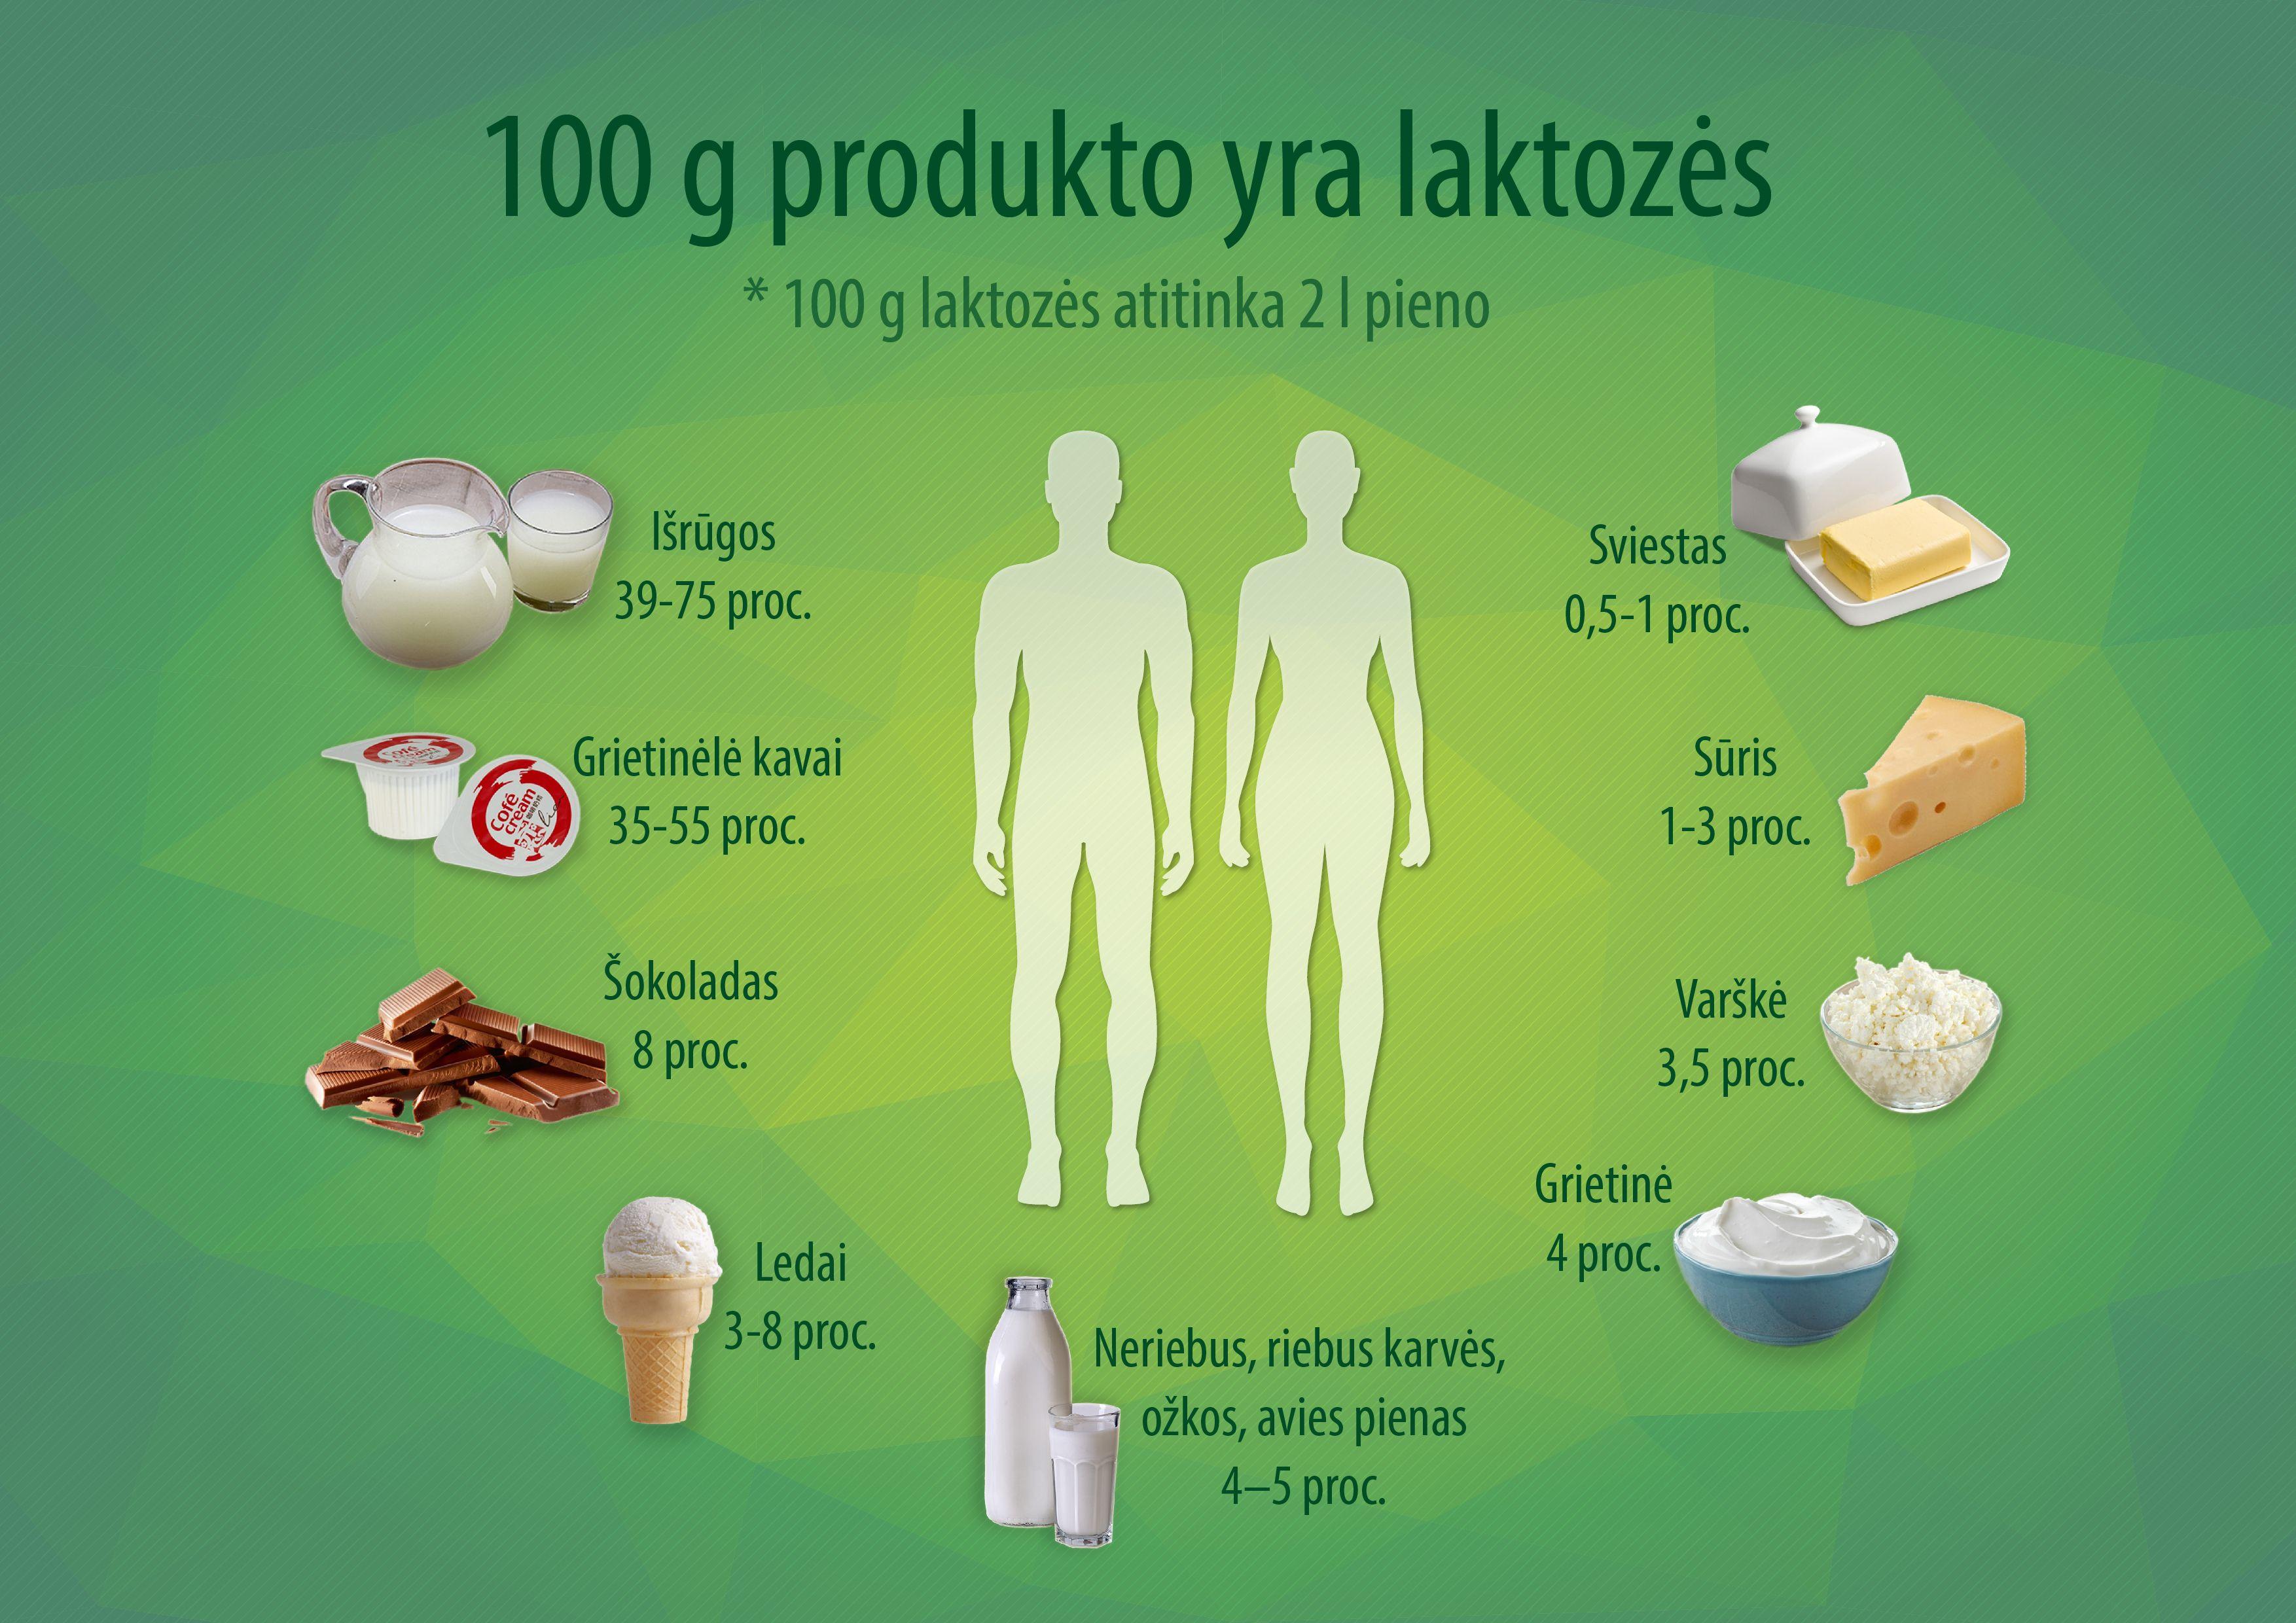 vaistai nuo hipertenzijos be laktozės